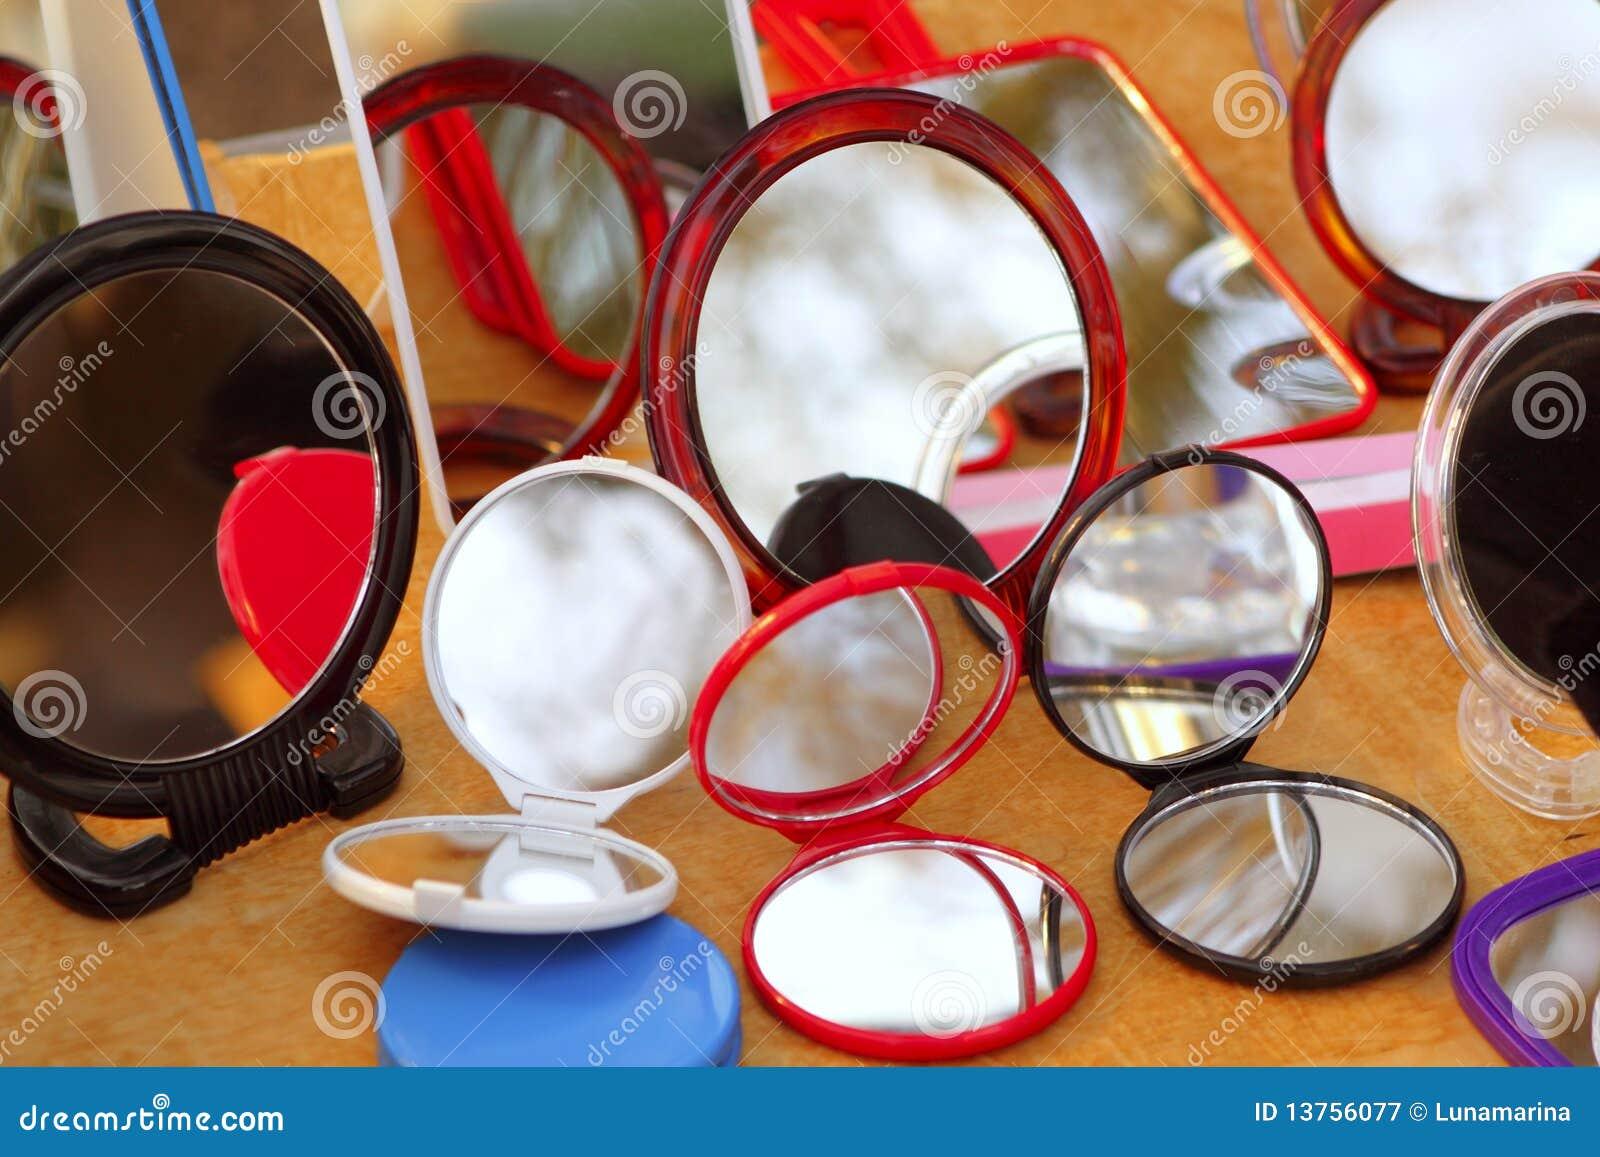 runde bunte spiegel im system lizenzfreie stockfotografie bild 13756077. Black Bedroom Furniture Sets. Home Design Ideas